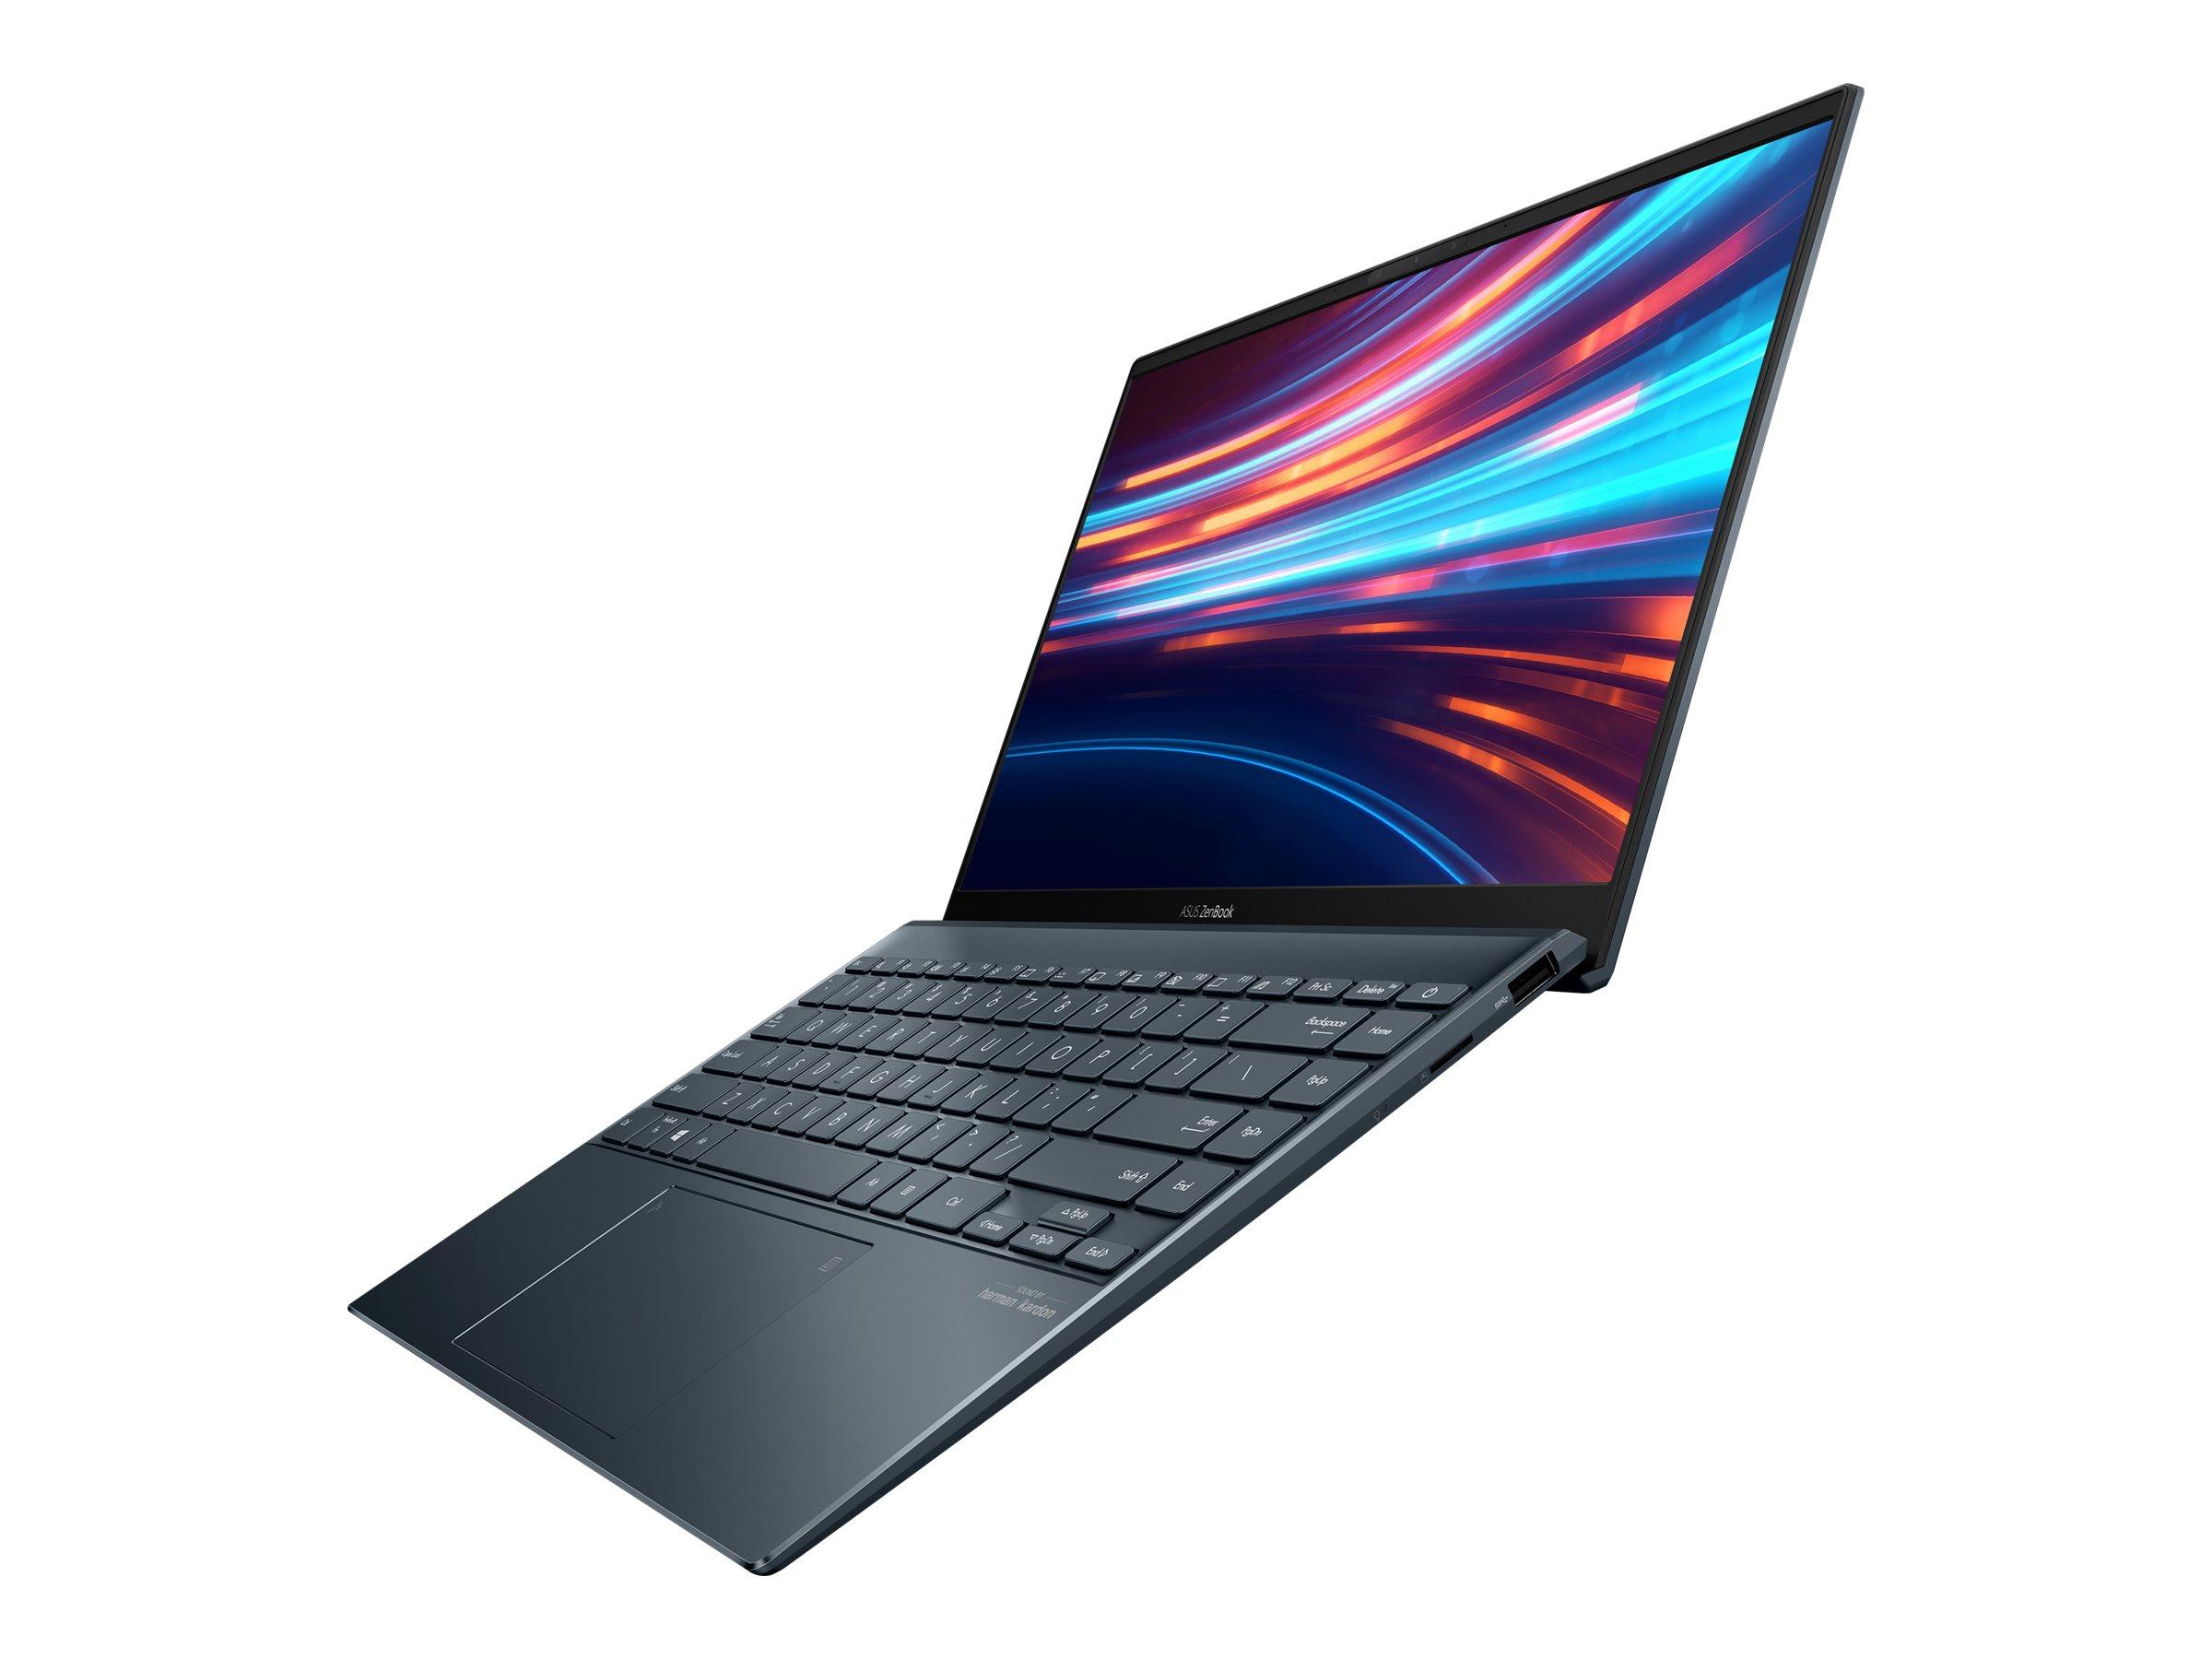 """Vorschau: ASUS ZenBook 14 UX425JA-HM026R - Core i5 1035G1 / 1 GHz - Win 10 Pro 64-Bit - 8 GB RAM - 512 GB SSD NVMe - 35.6 cm (14"""")"""